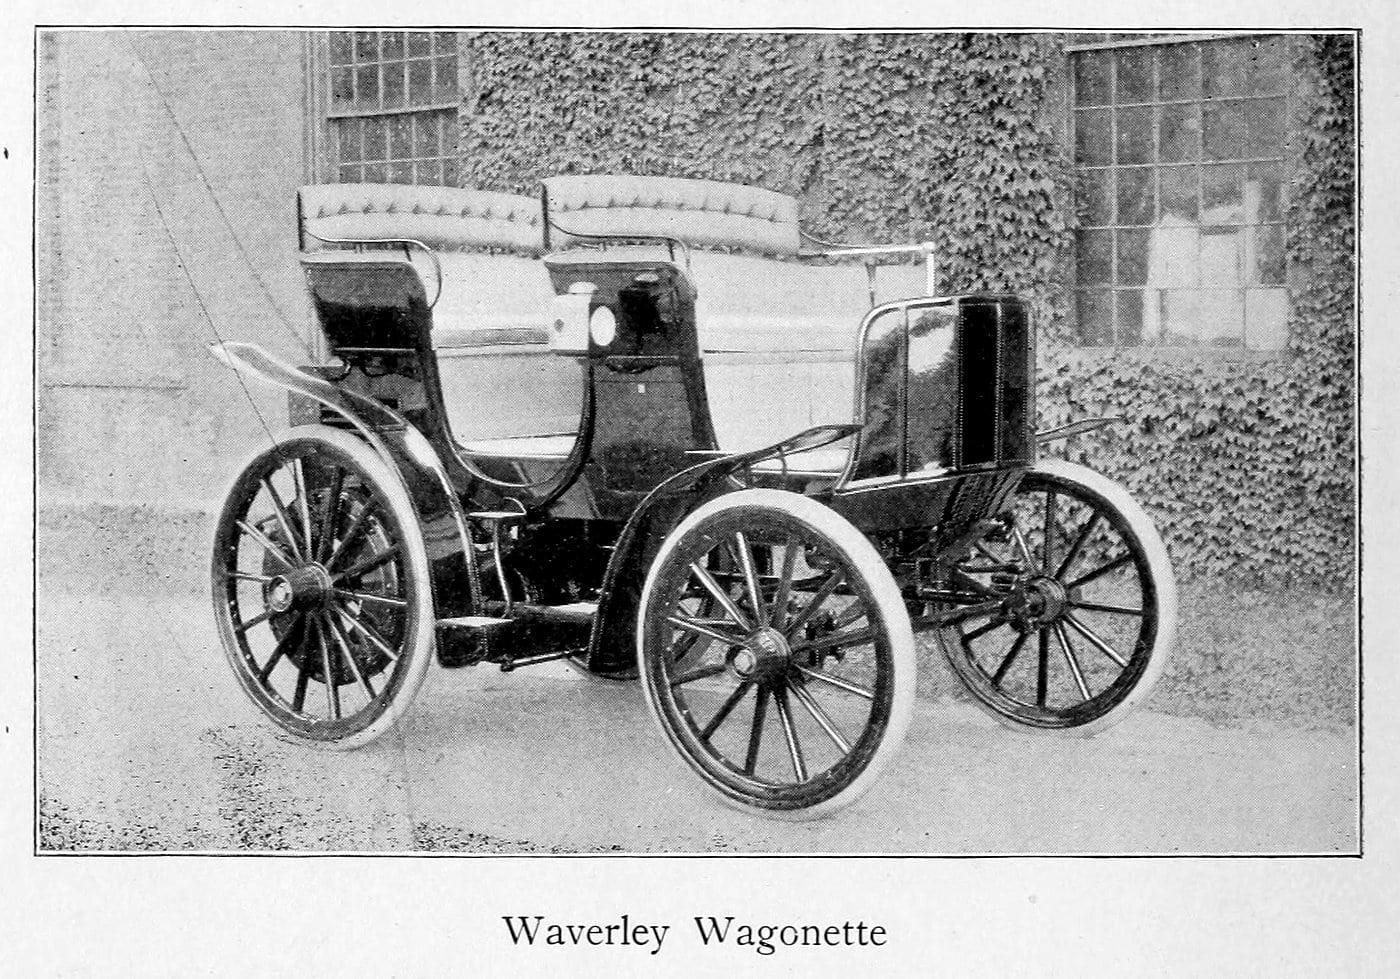 Vintage Waverley wagonette (1899)